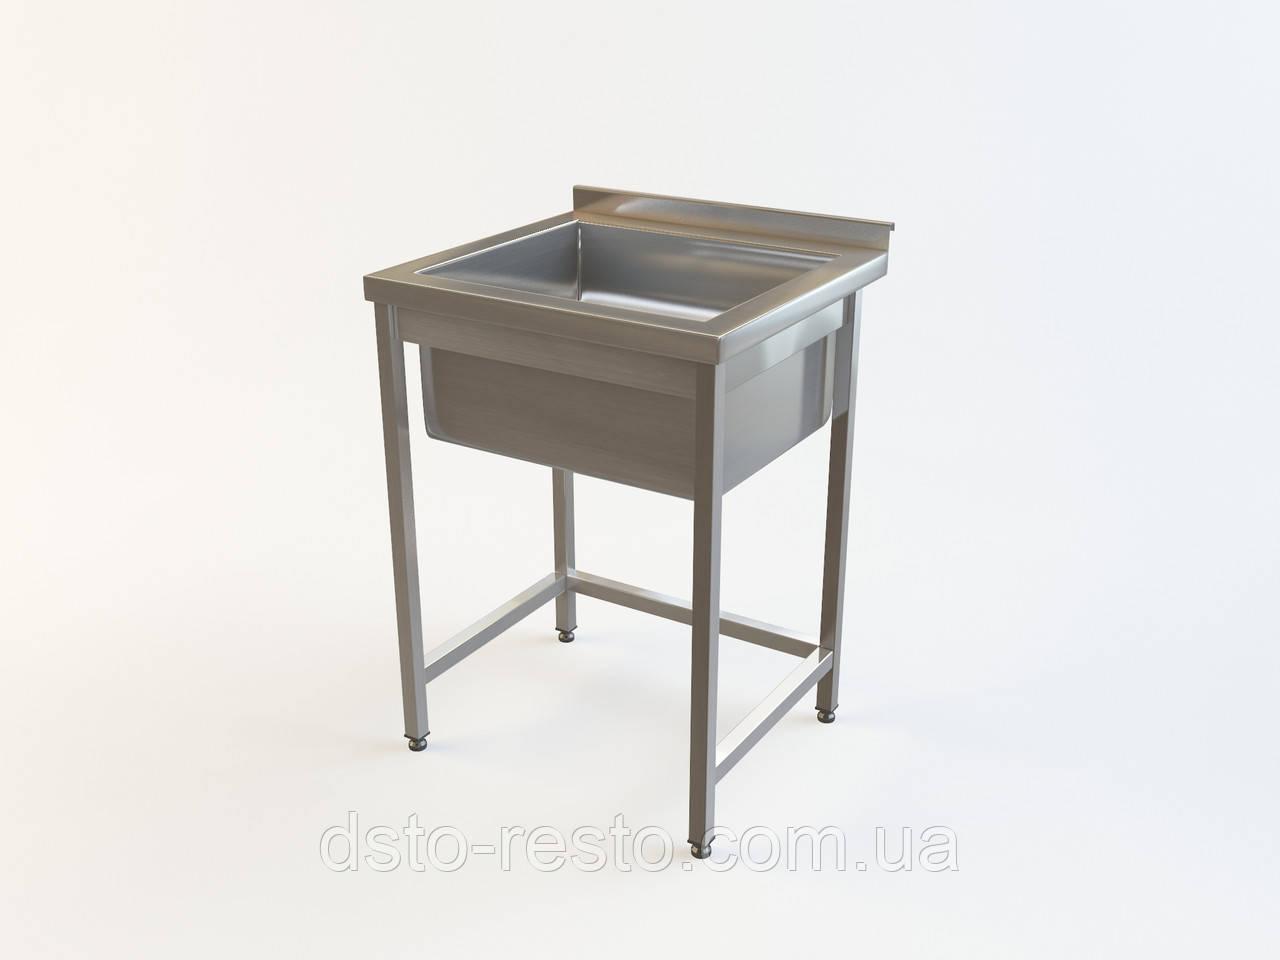 Ванна моечная из нержавеющей стали 700/700/850 мм